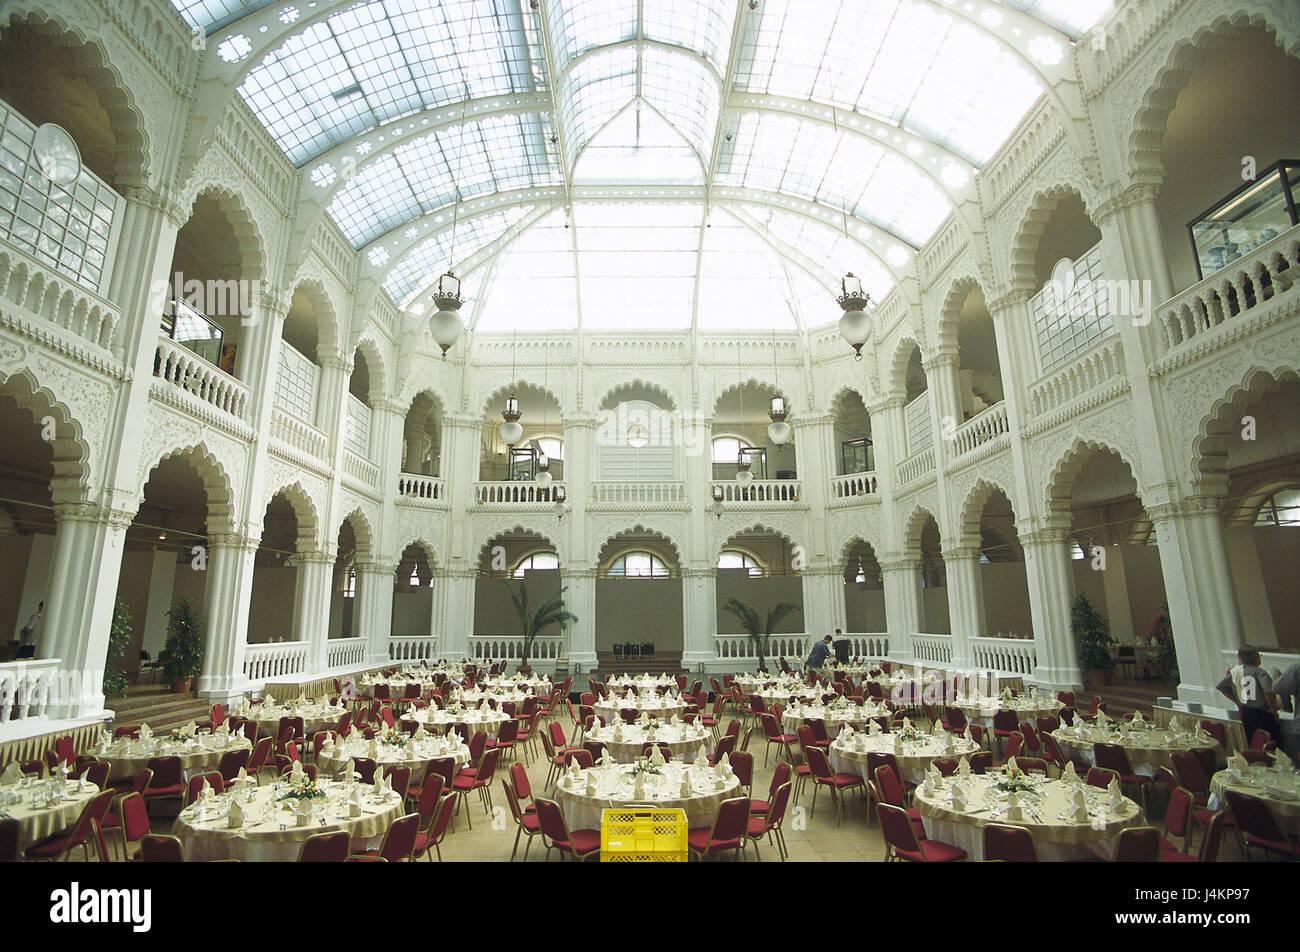 Ausgezeichnet Sitz Halle Innenarchitektur Fotos - Images for ...